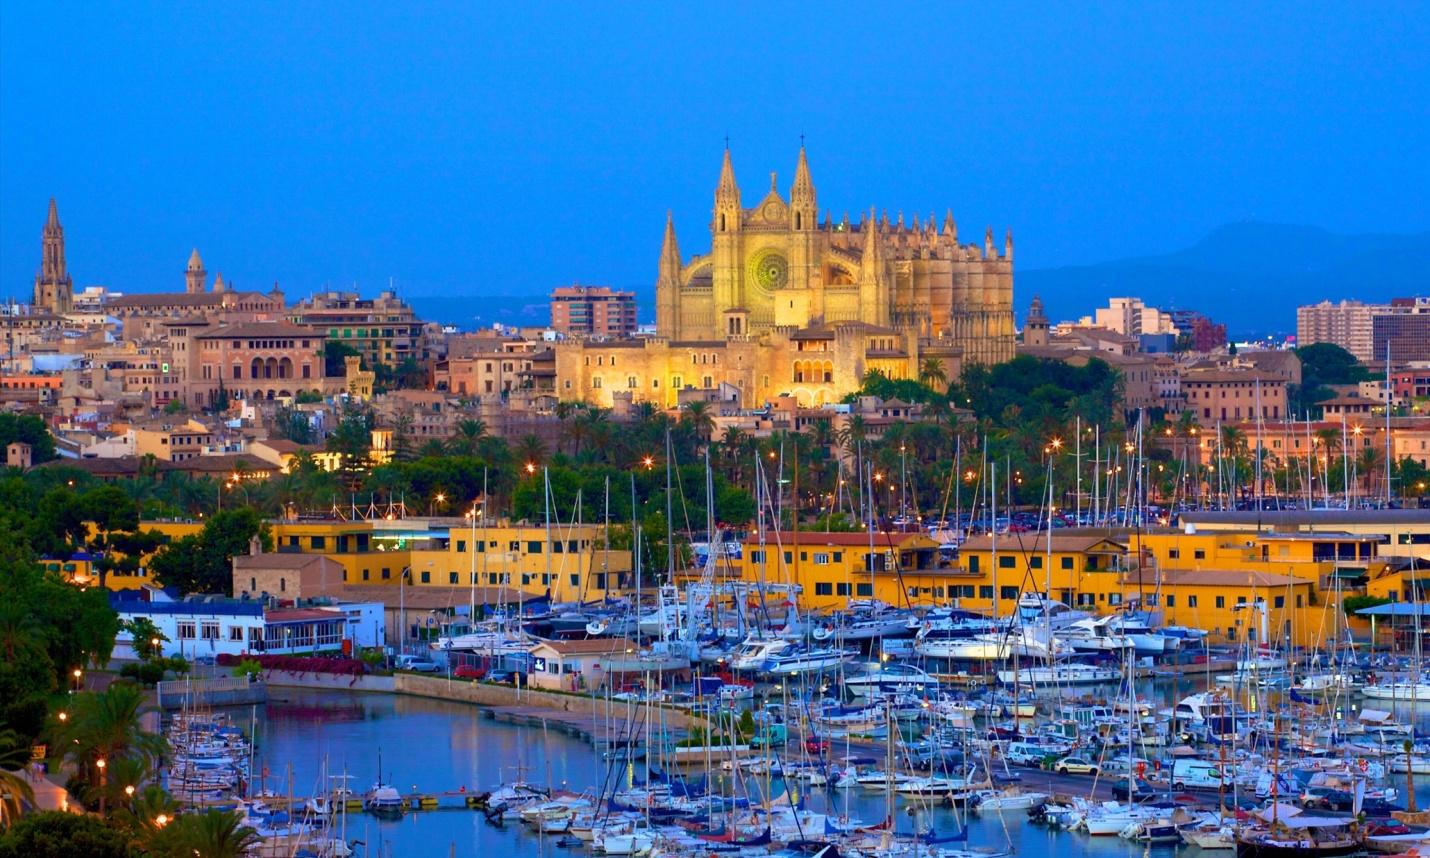 Vista del puerto y la Catedral del Mar